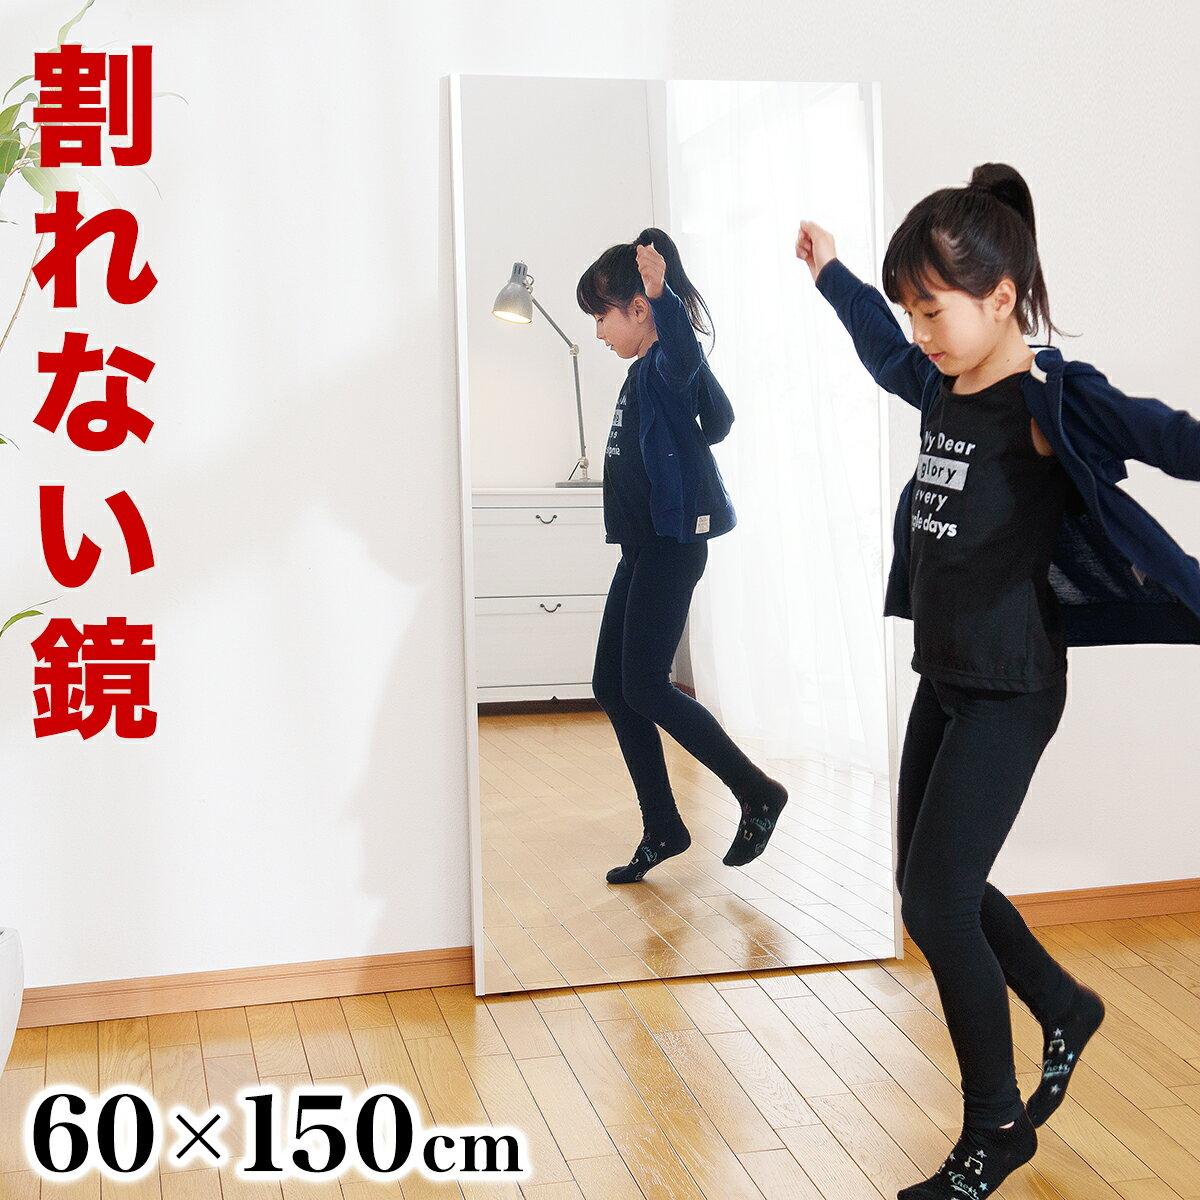 割れない鏡 リフェクスミラー 幅60cm 高さ150cm ビッグ姿見ミラー Refex 日本製の超軽量グラスレスミラー。高精度ポリエステルフィルムは反射率が高く映りが明るく鮮明。ダンススタジオのスタンドミラーや姿見、ヨガやバレーの練習に全身が映る鏡 RM-5 送料無料 新春 初売り